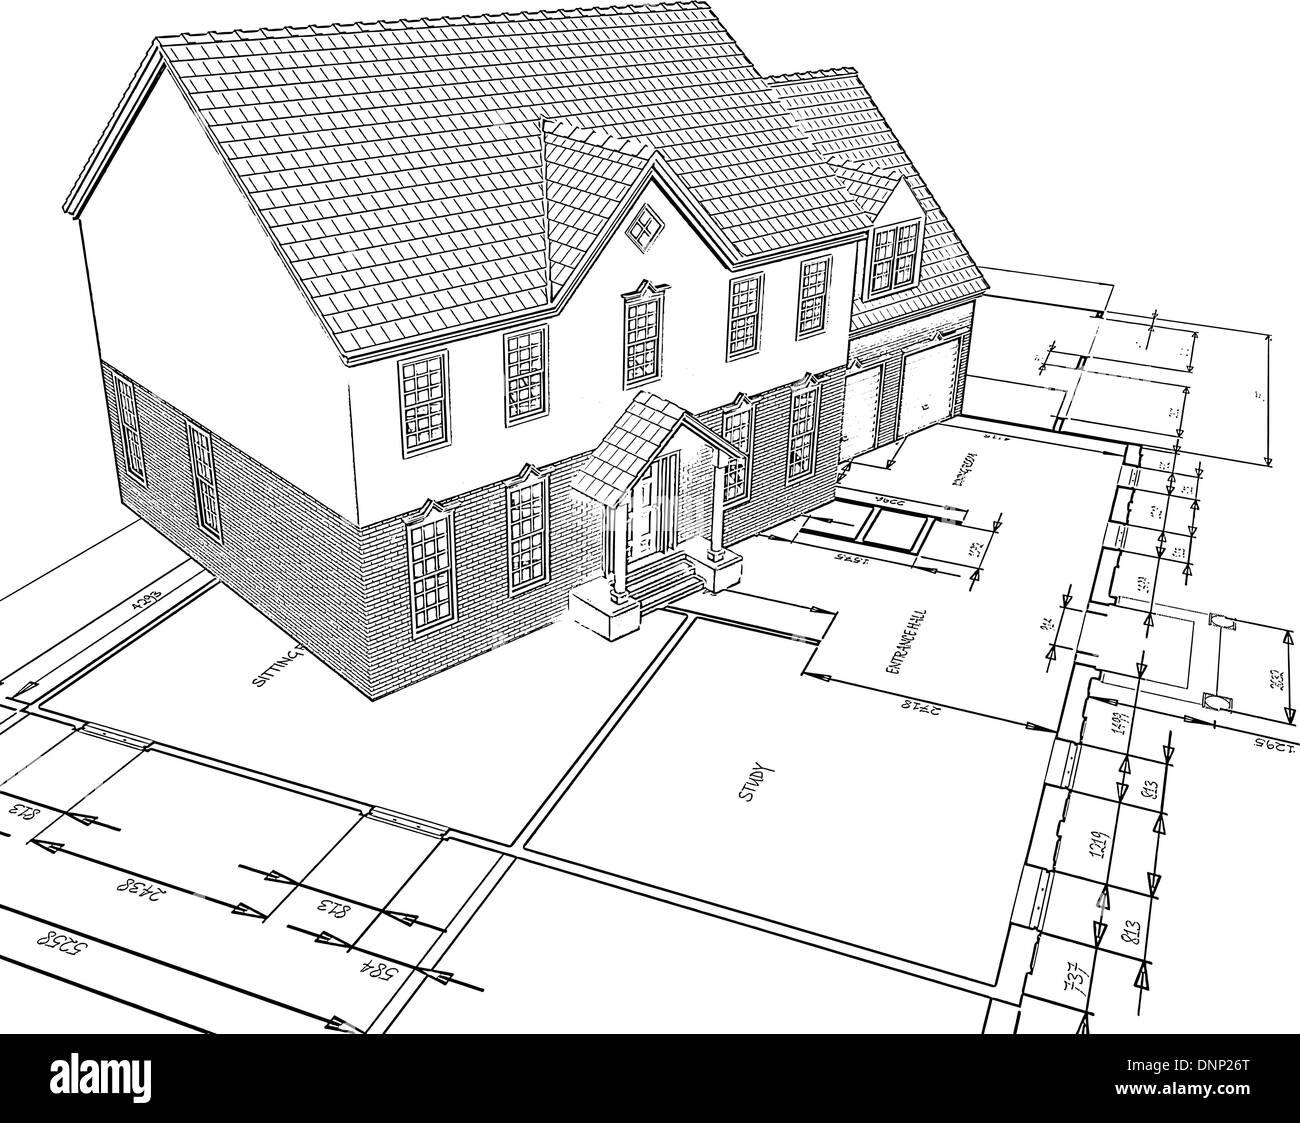 Abbozzate illustrazione dello stile di una casa sui piani Immagini Stock